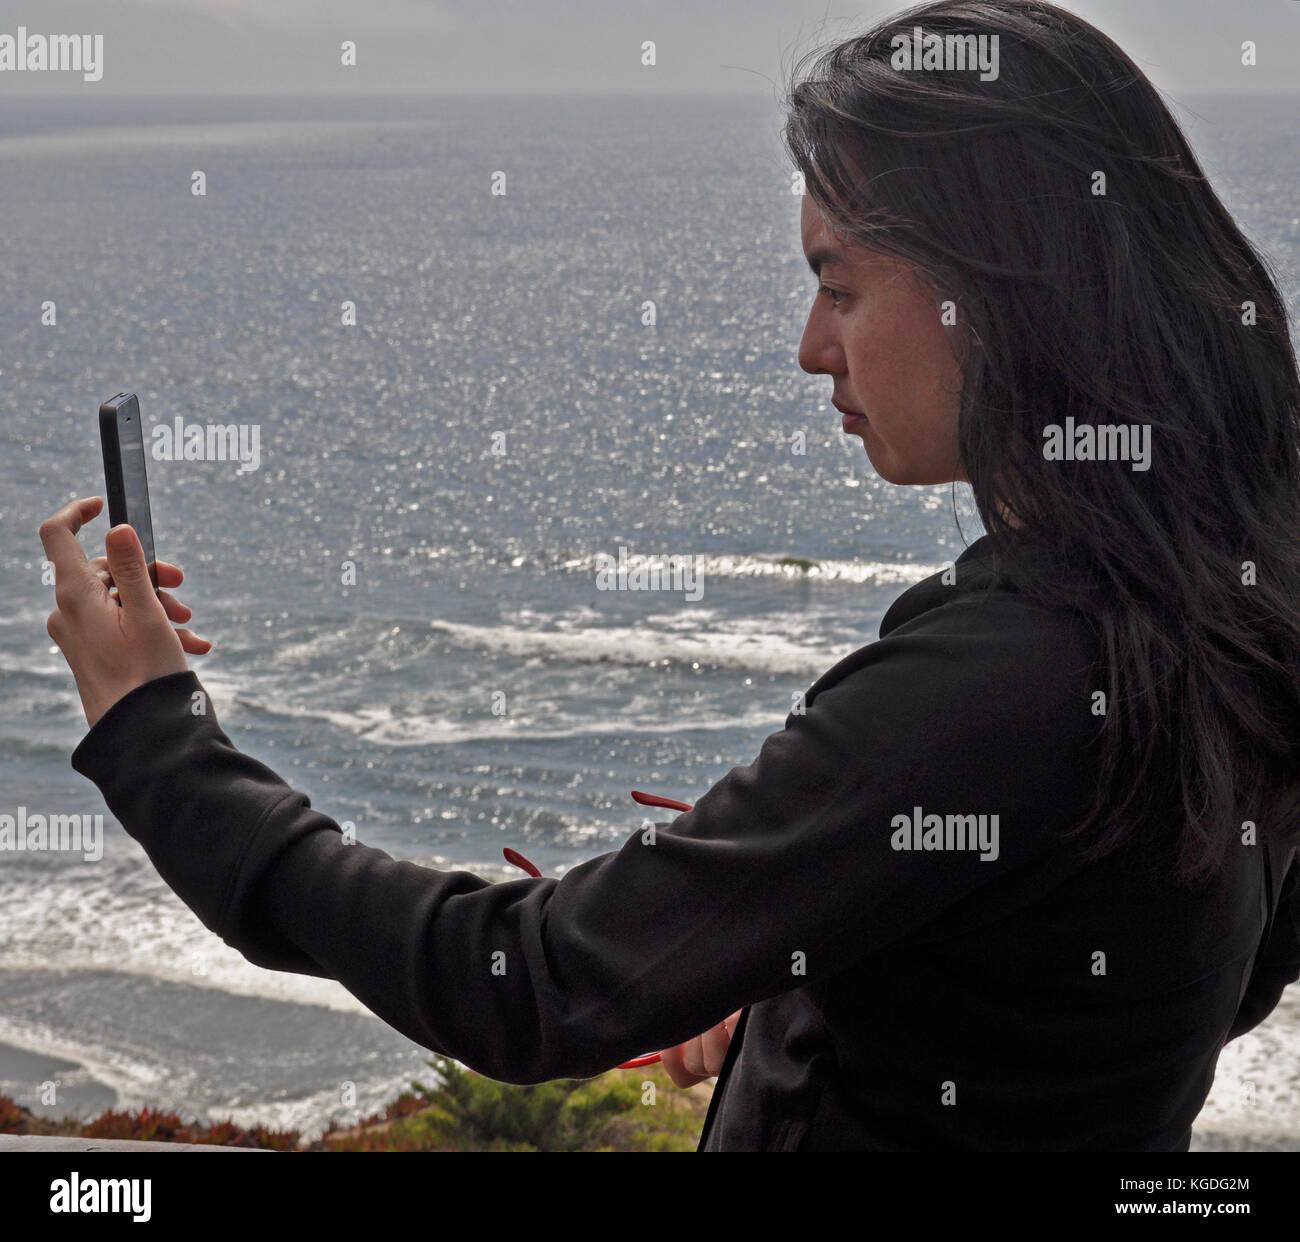 Künstler Michelle Wong Ton, fotografiert mit einem I-Phone, Pacifica, Kalifornien Stockbild